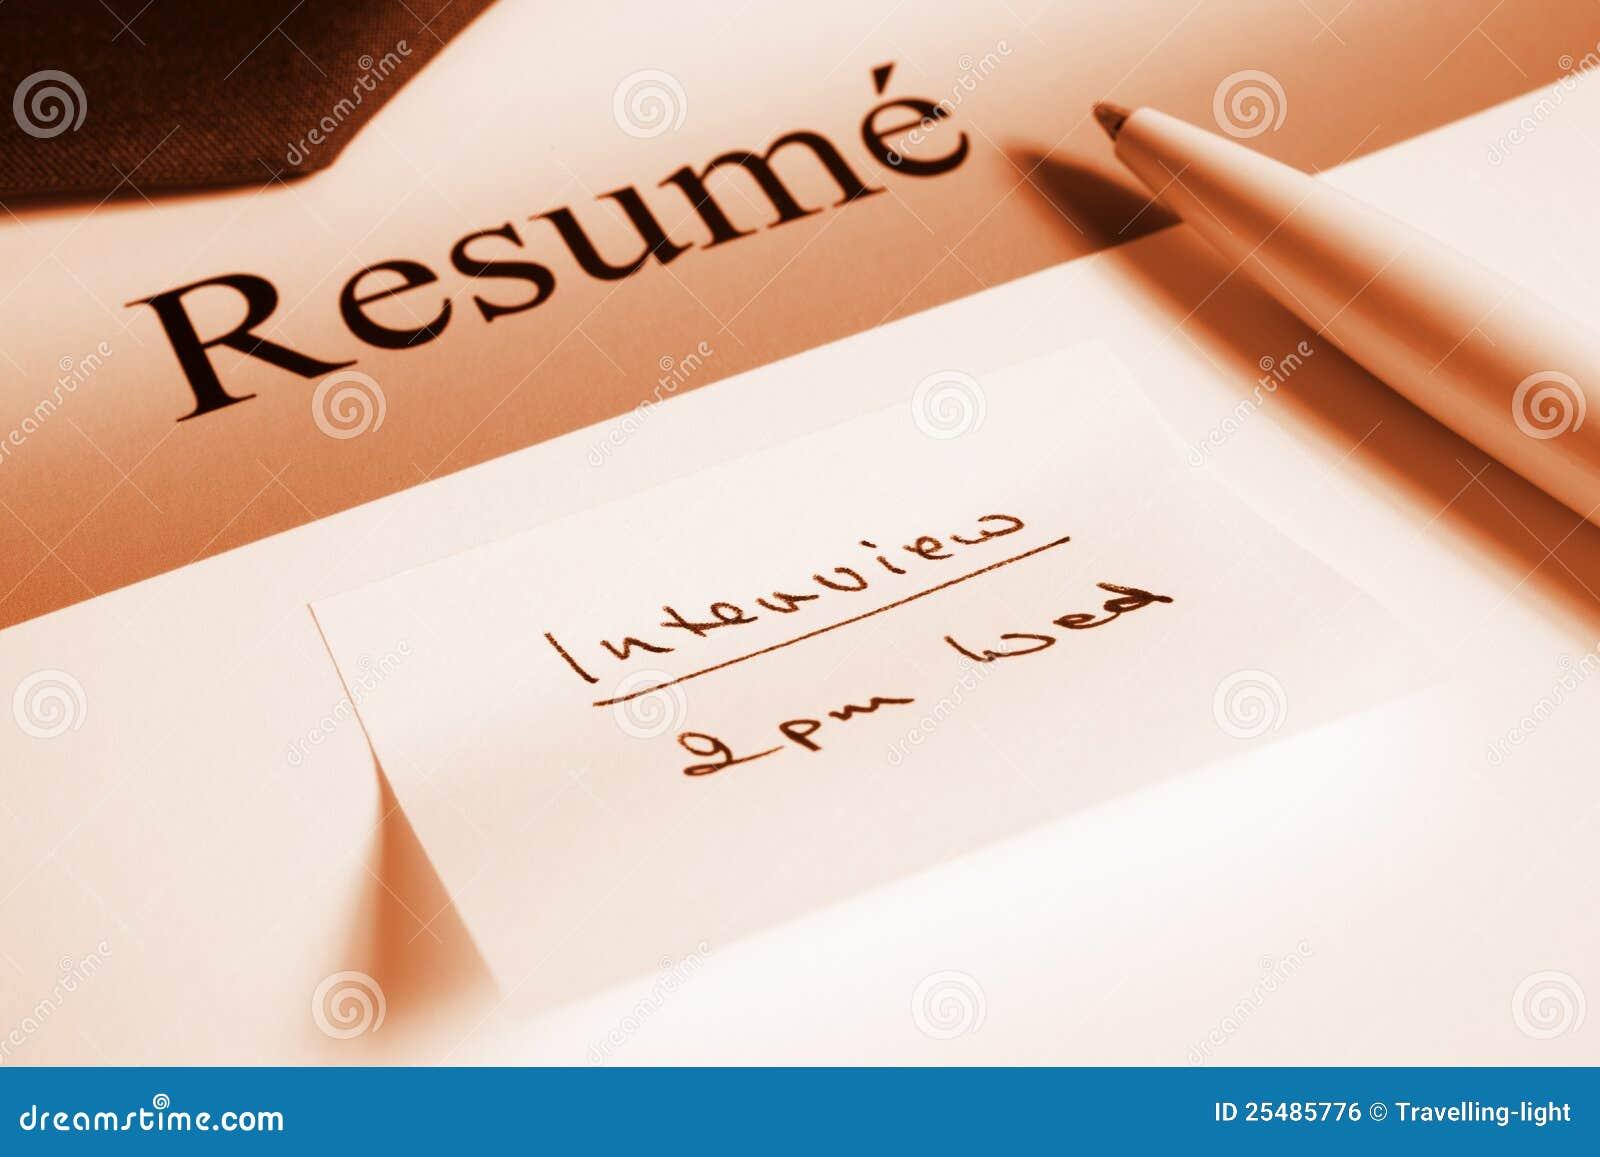 stock broker resume stock broker resume 3322